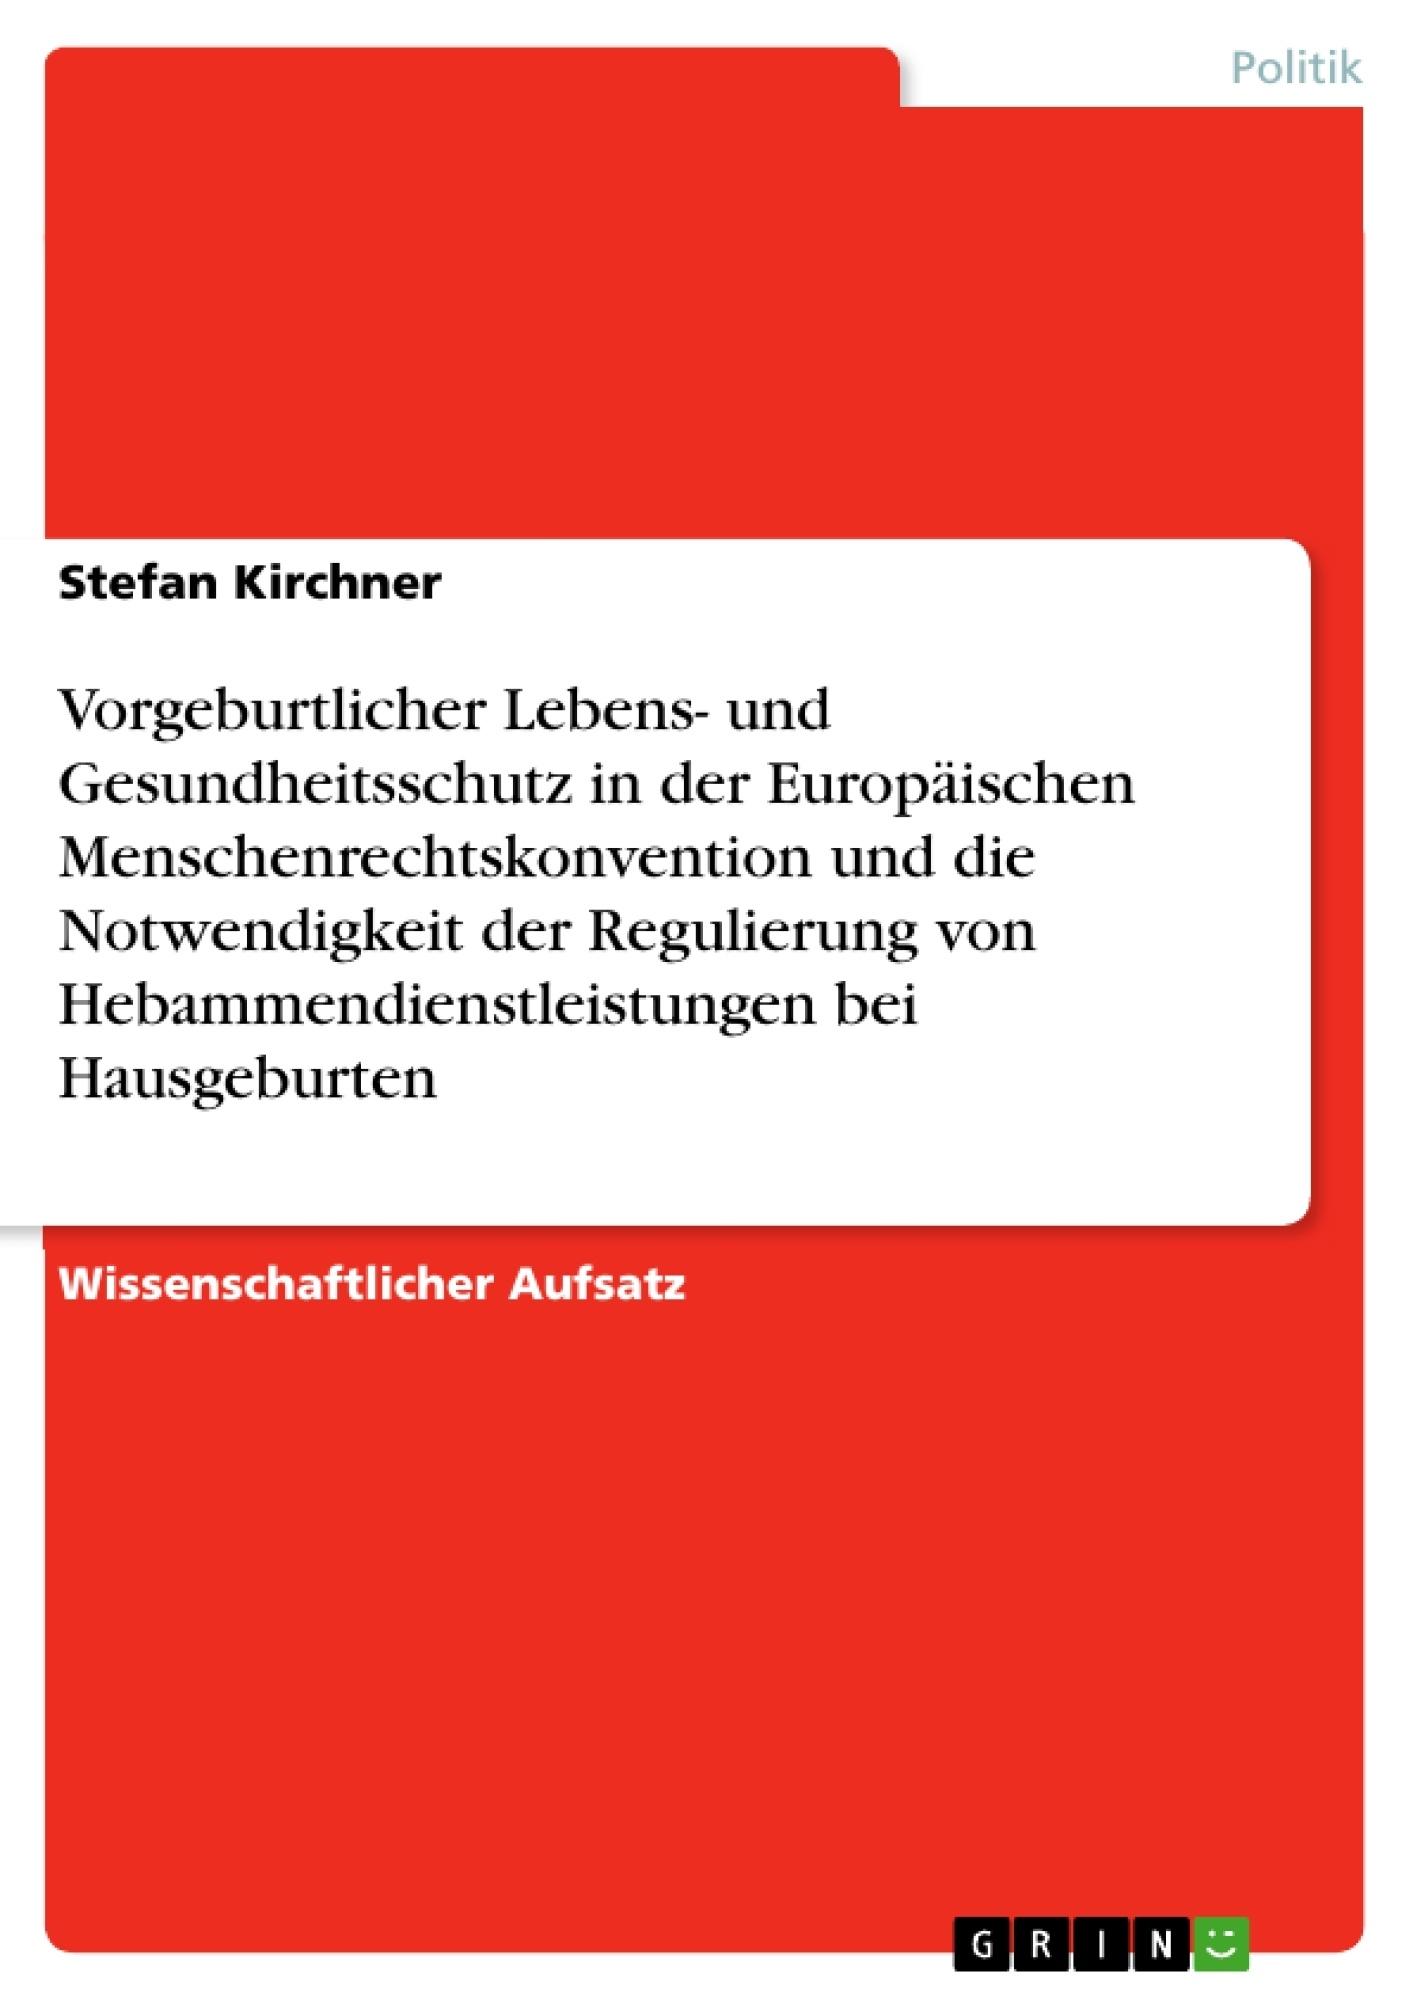 Titel: Vorgeburtlicher Lebens- und Gesundheitsschutz in der Europäischen Menschenrechtskonvention und die Notwendigkeit der Regulierung von Hebammendienstleistungen bei Hausgeburten